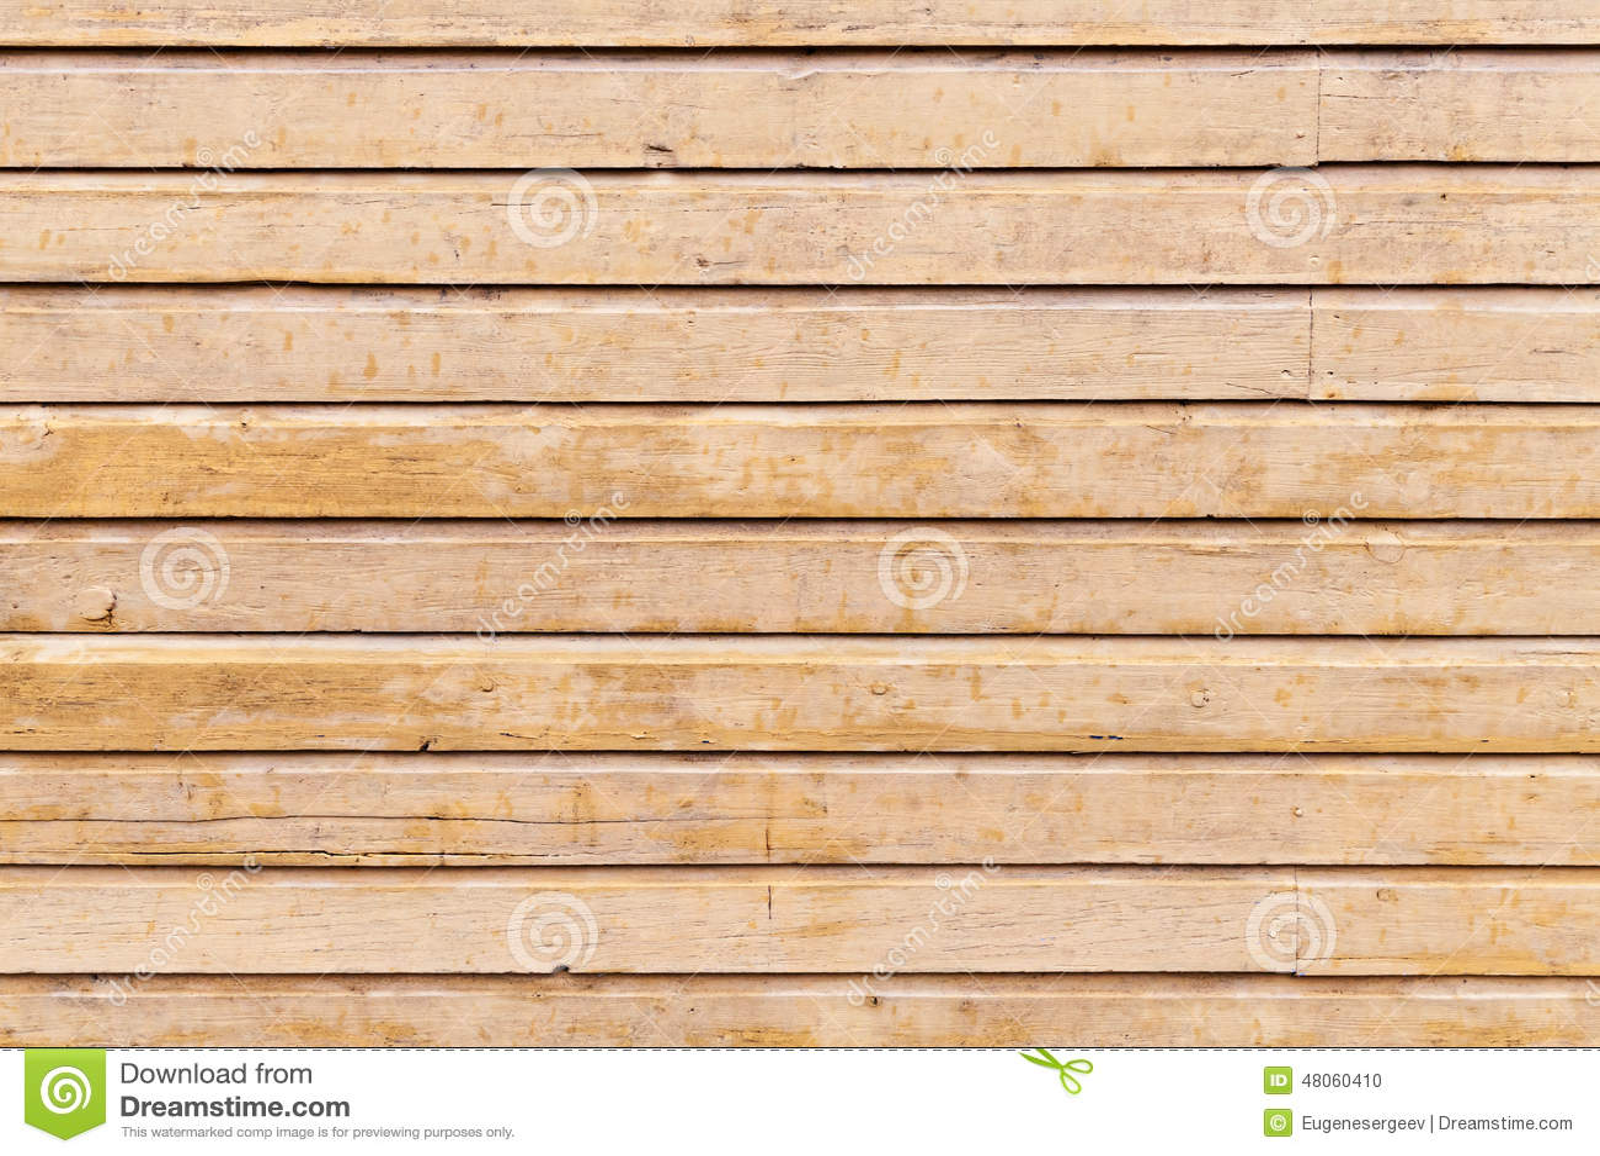 mur en bois beige texture de photo de fond photo stock image 48060410. Black Bedroom Furniture Sets. Home Design Ideas